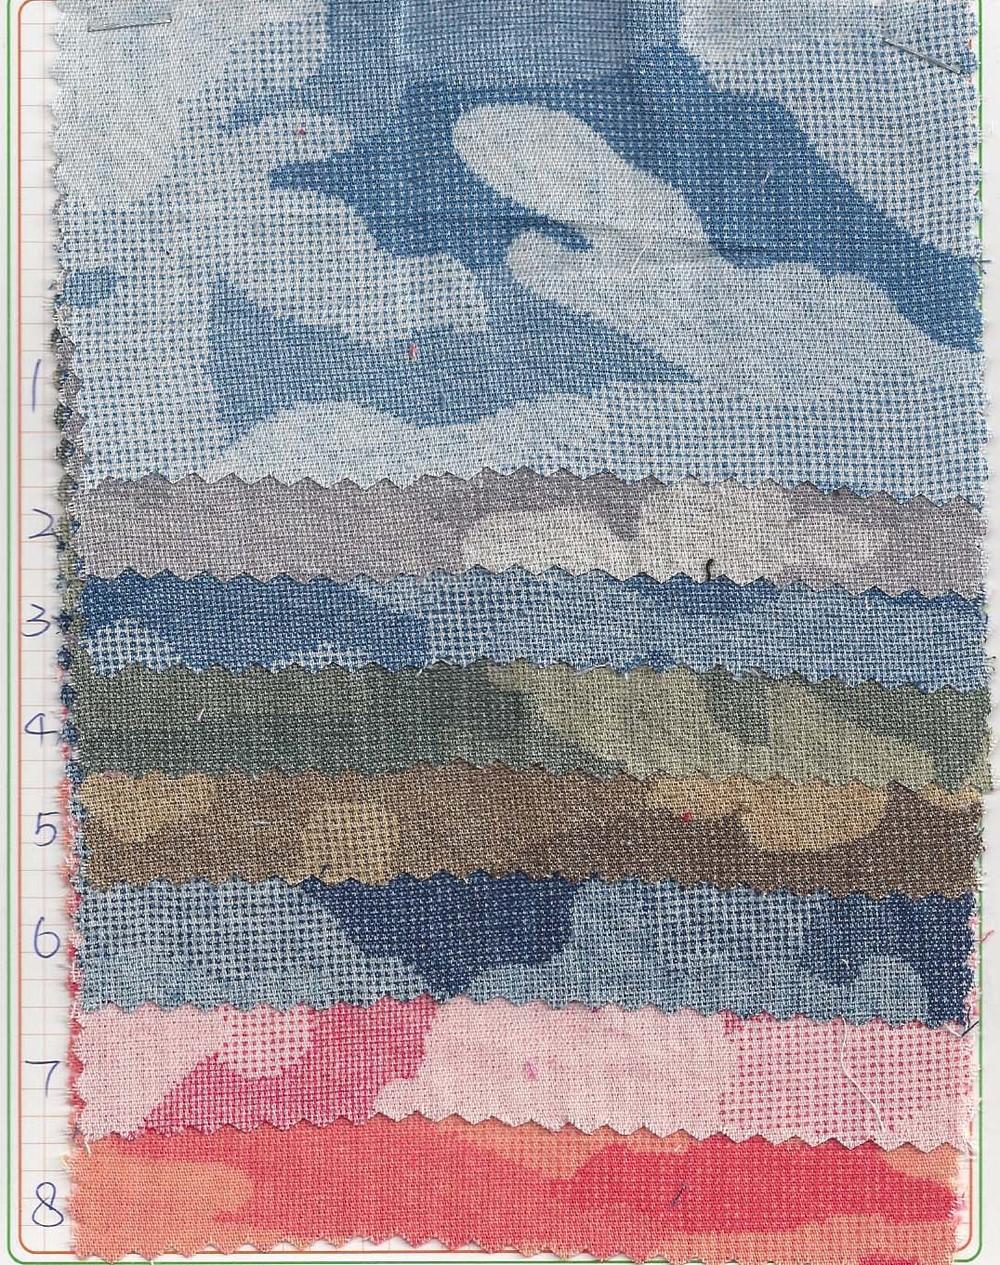 Ming Sheng Textile K8372.jpg